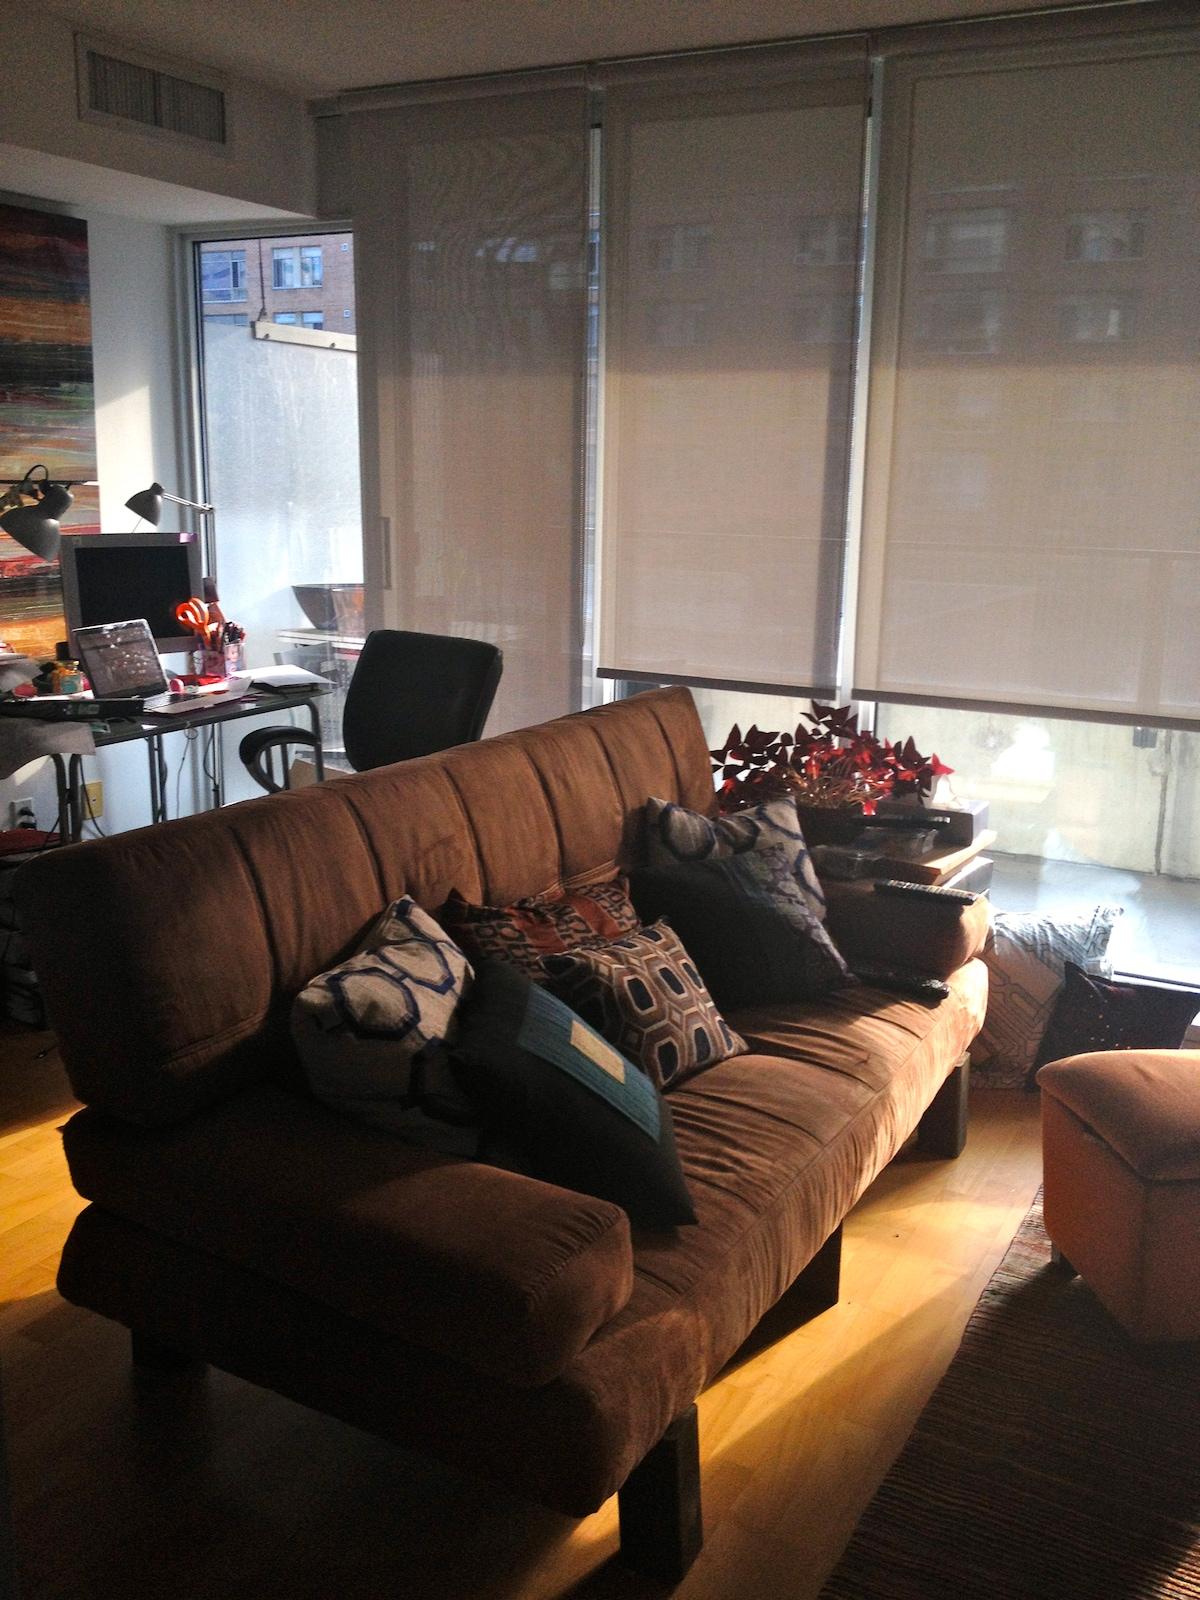 TIFF week: 1 -Bedroom, Downtown